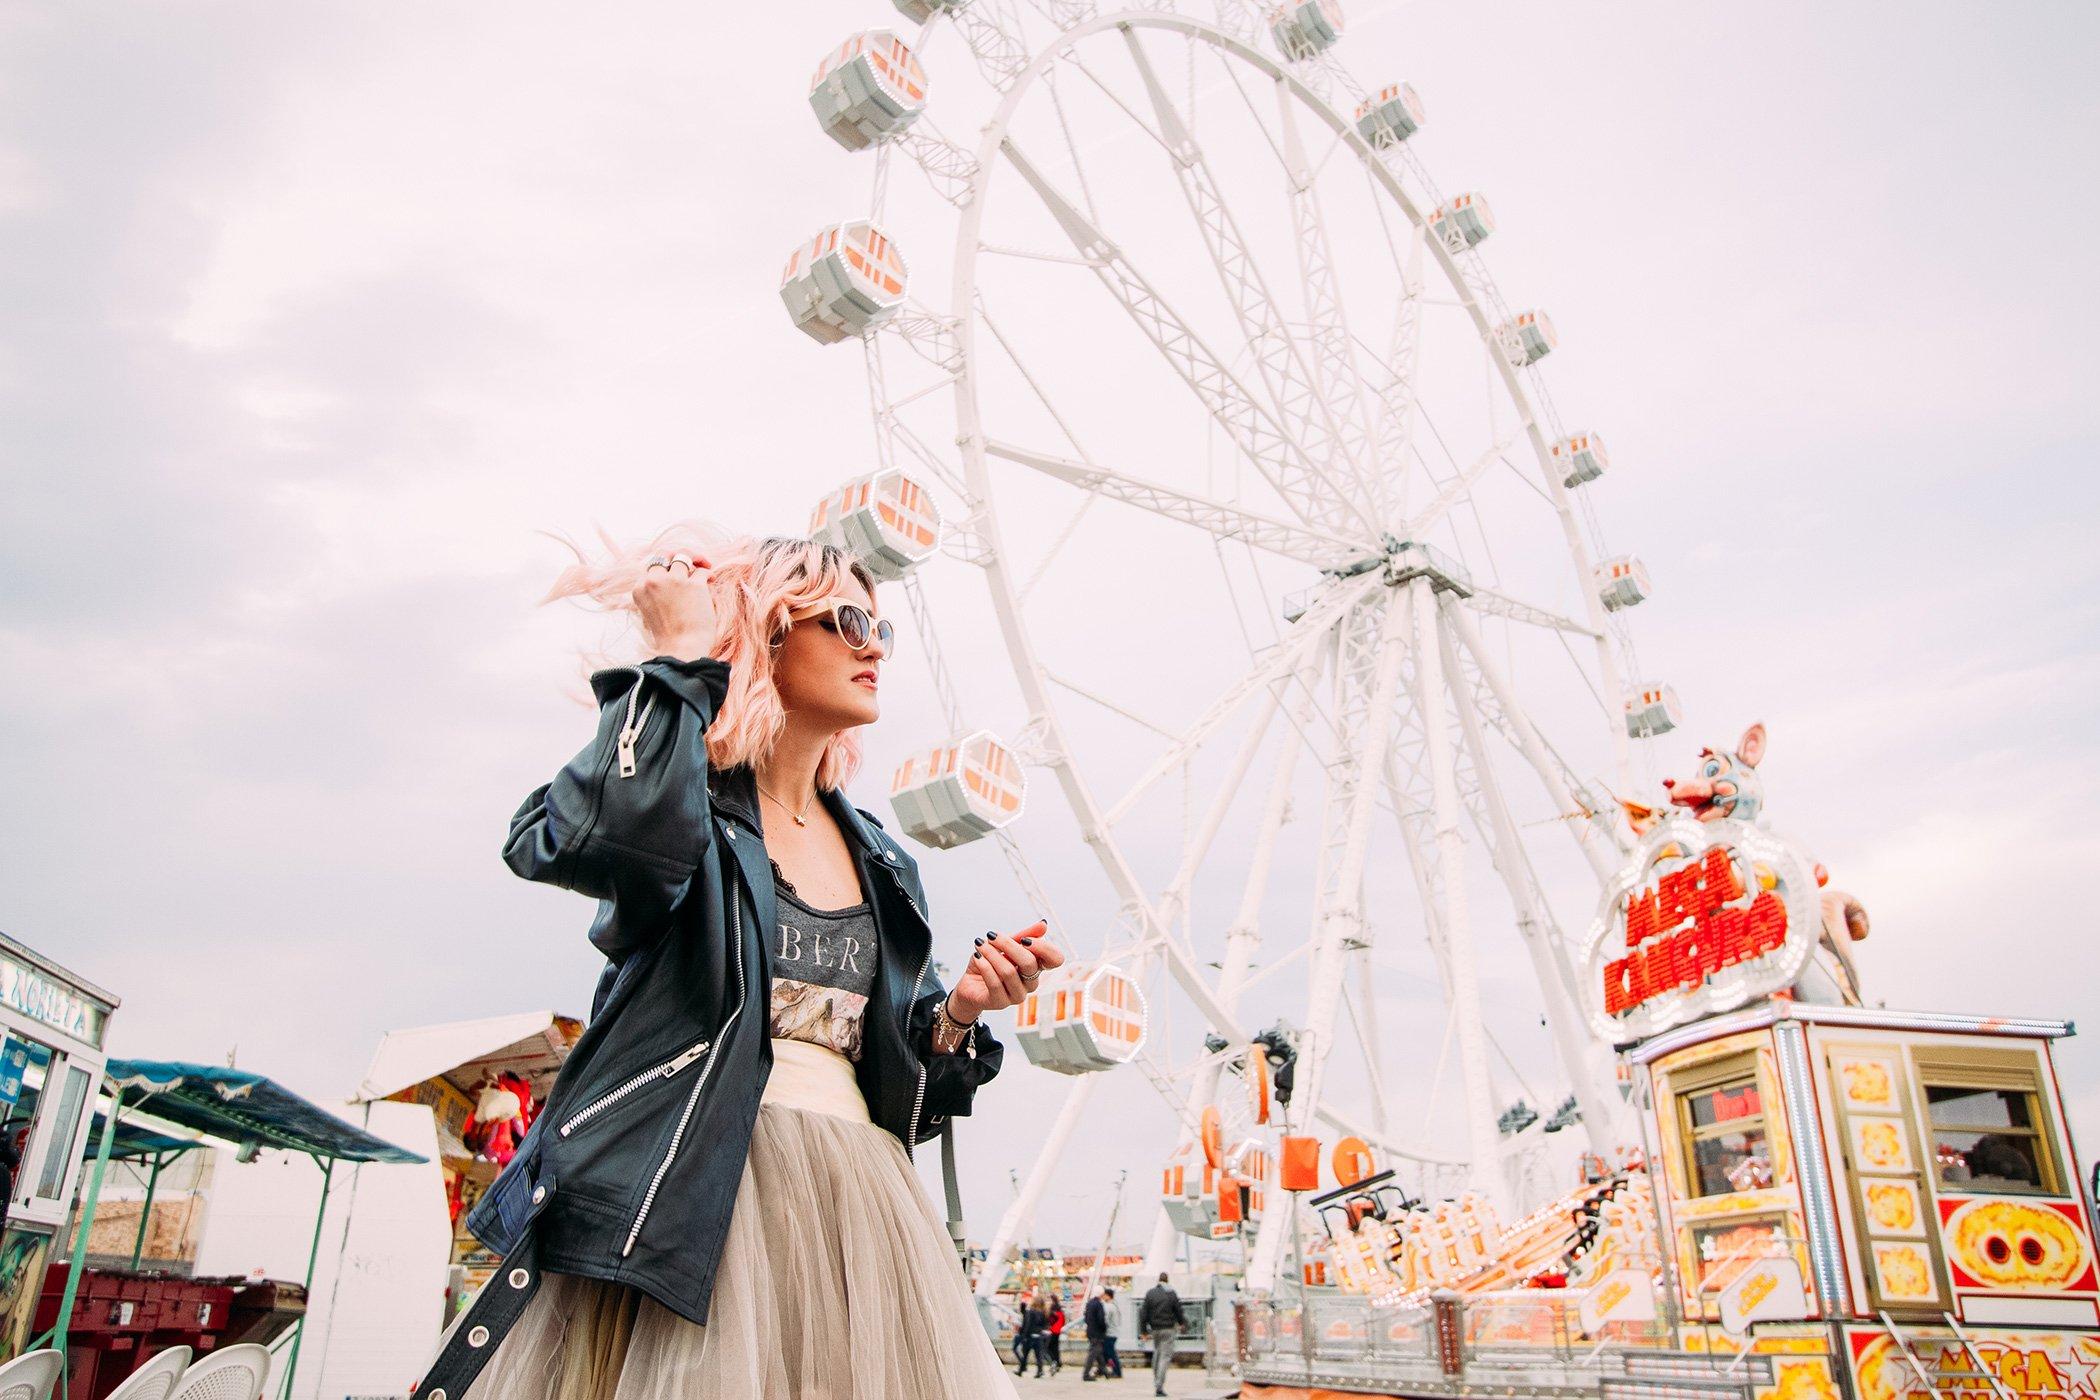 mikuta with pink hair on a fair